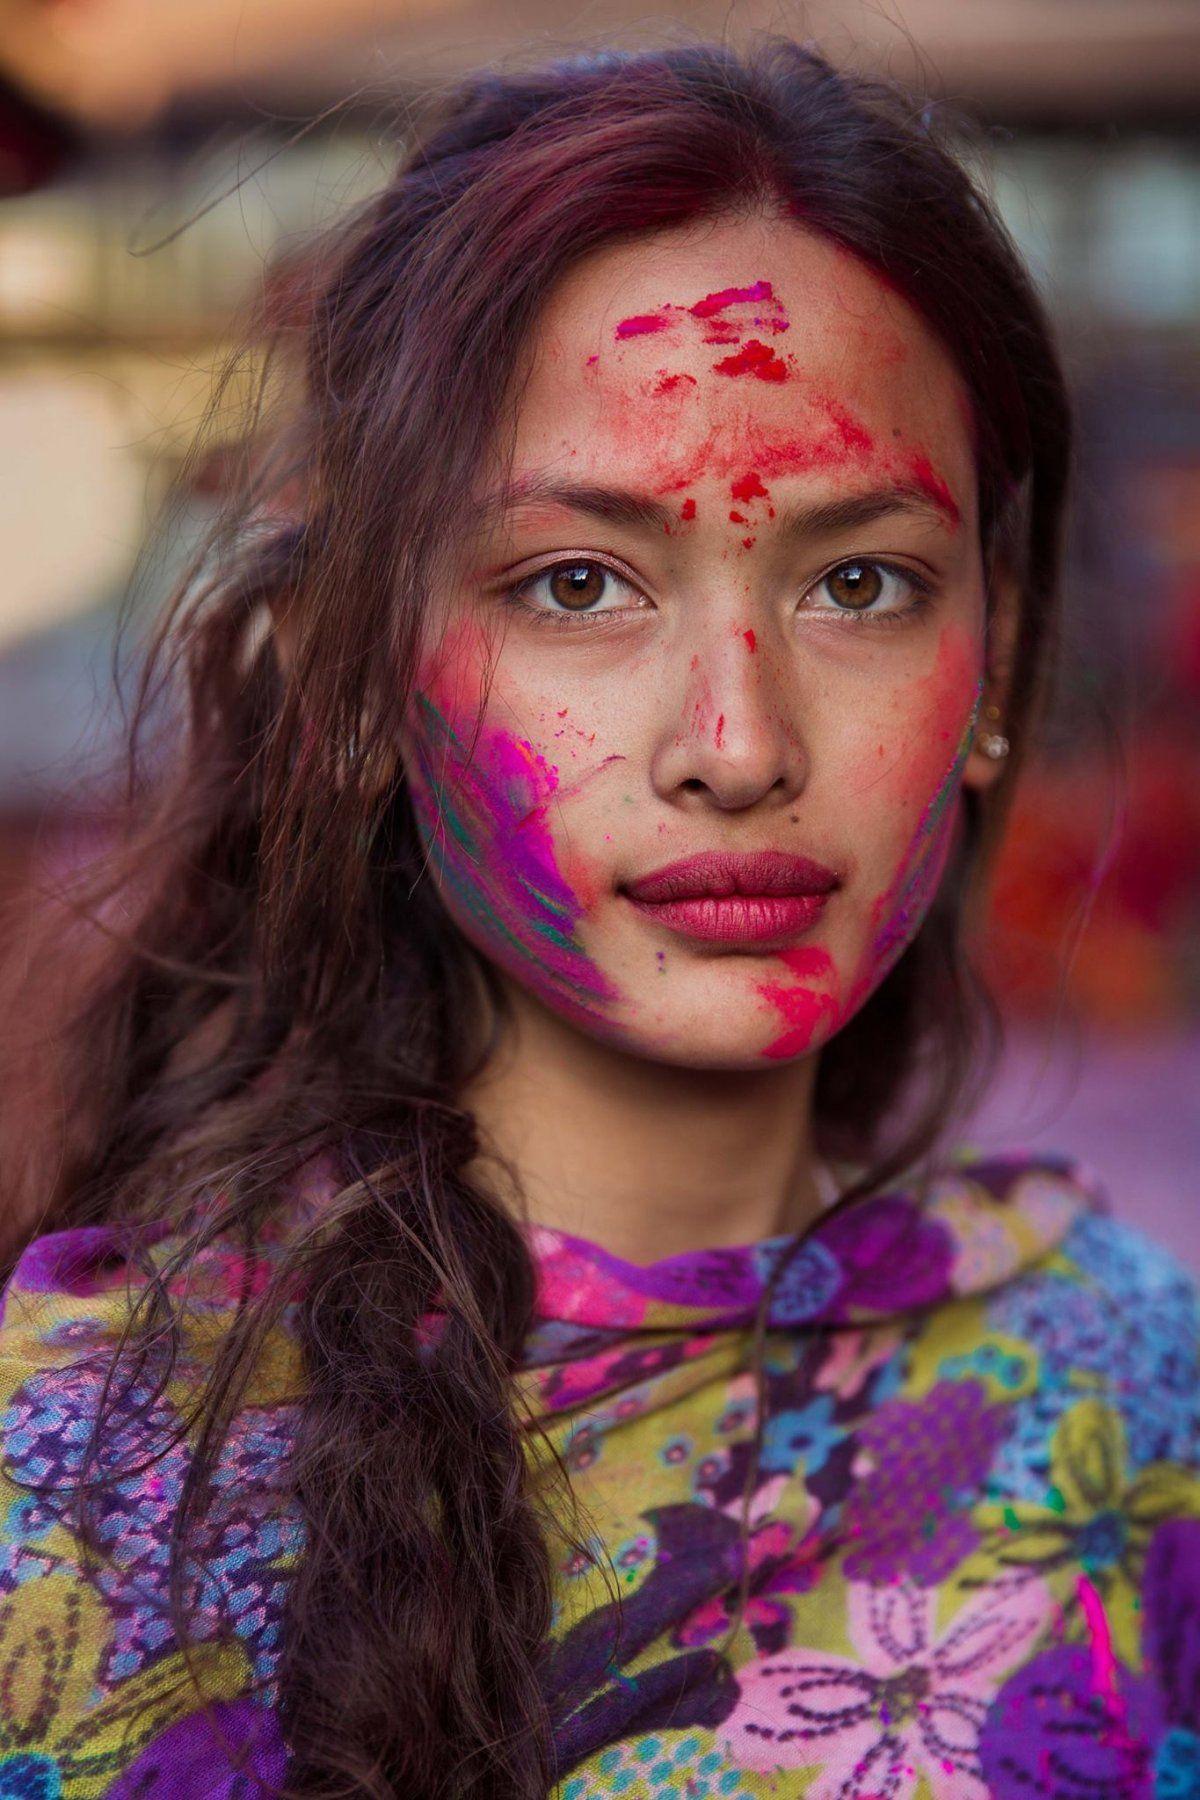 Atemberaubende Porträts zeigen, wie Schönheit auf der ganzen Welt aussieht. Mihaela Noroc ist in über 50 Länder gereist und hat atemberaubende Fotos von …